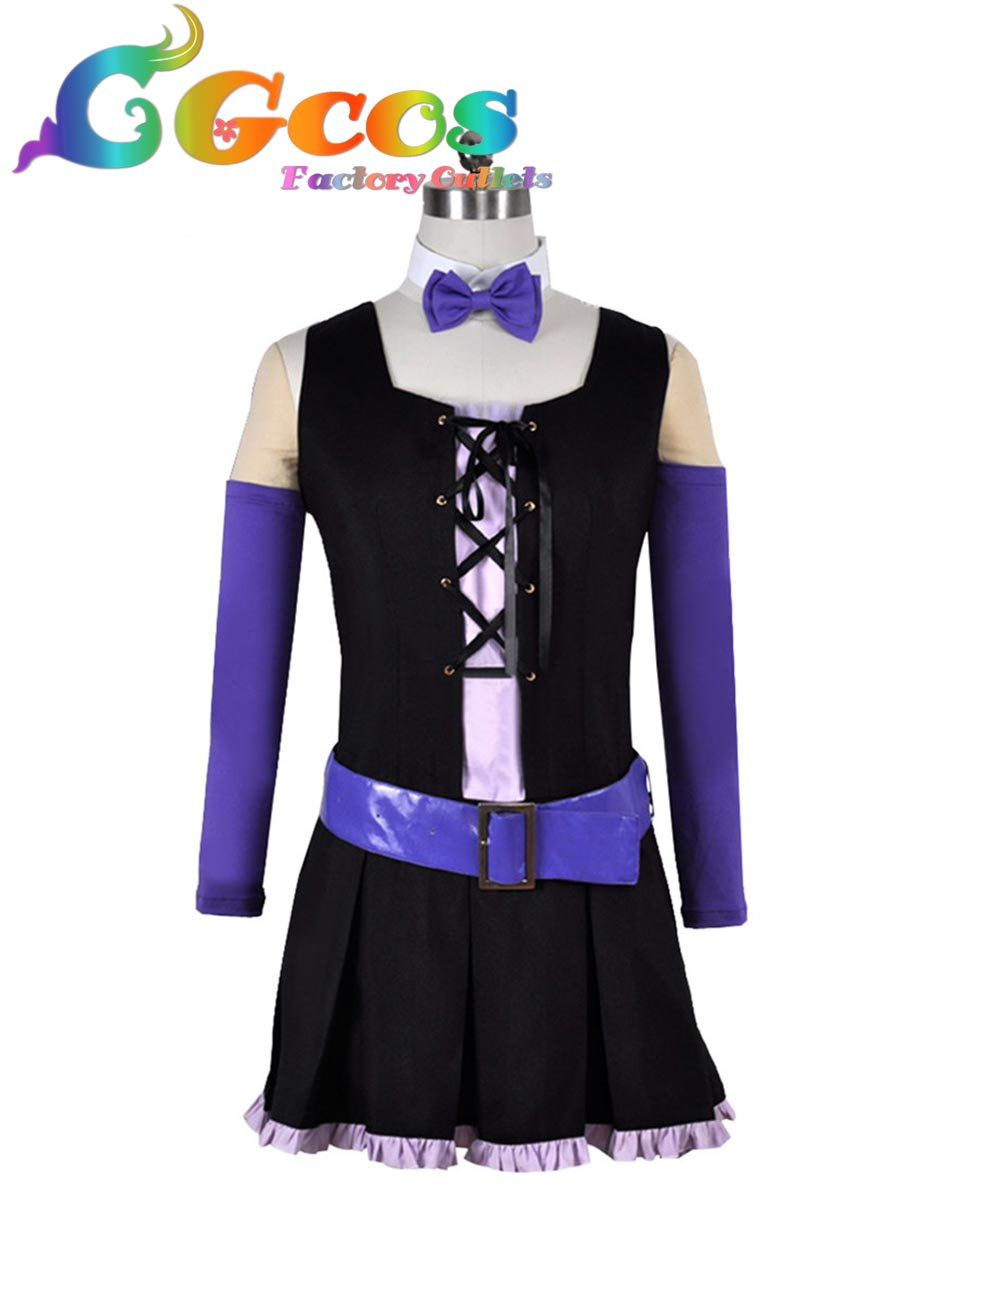 Cgcos Бесплатная доставка Косплэй костюм show рок! Chuchu равномерное платье новое в наличии Розничная/оптовая продажа Хэллоуин для рождественско...